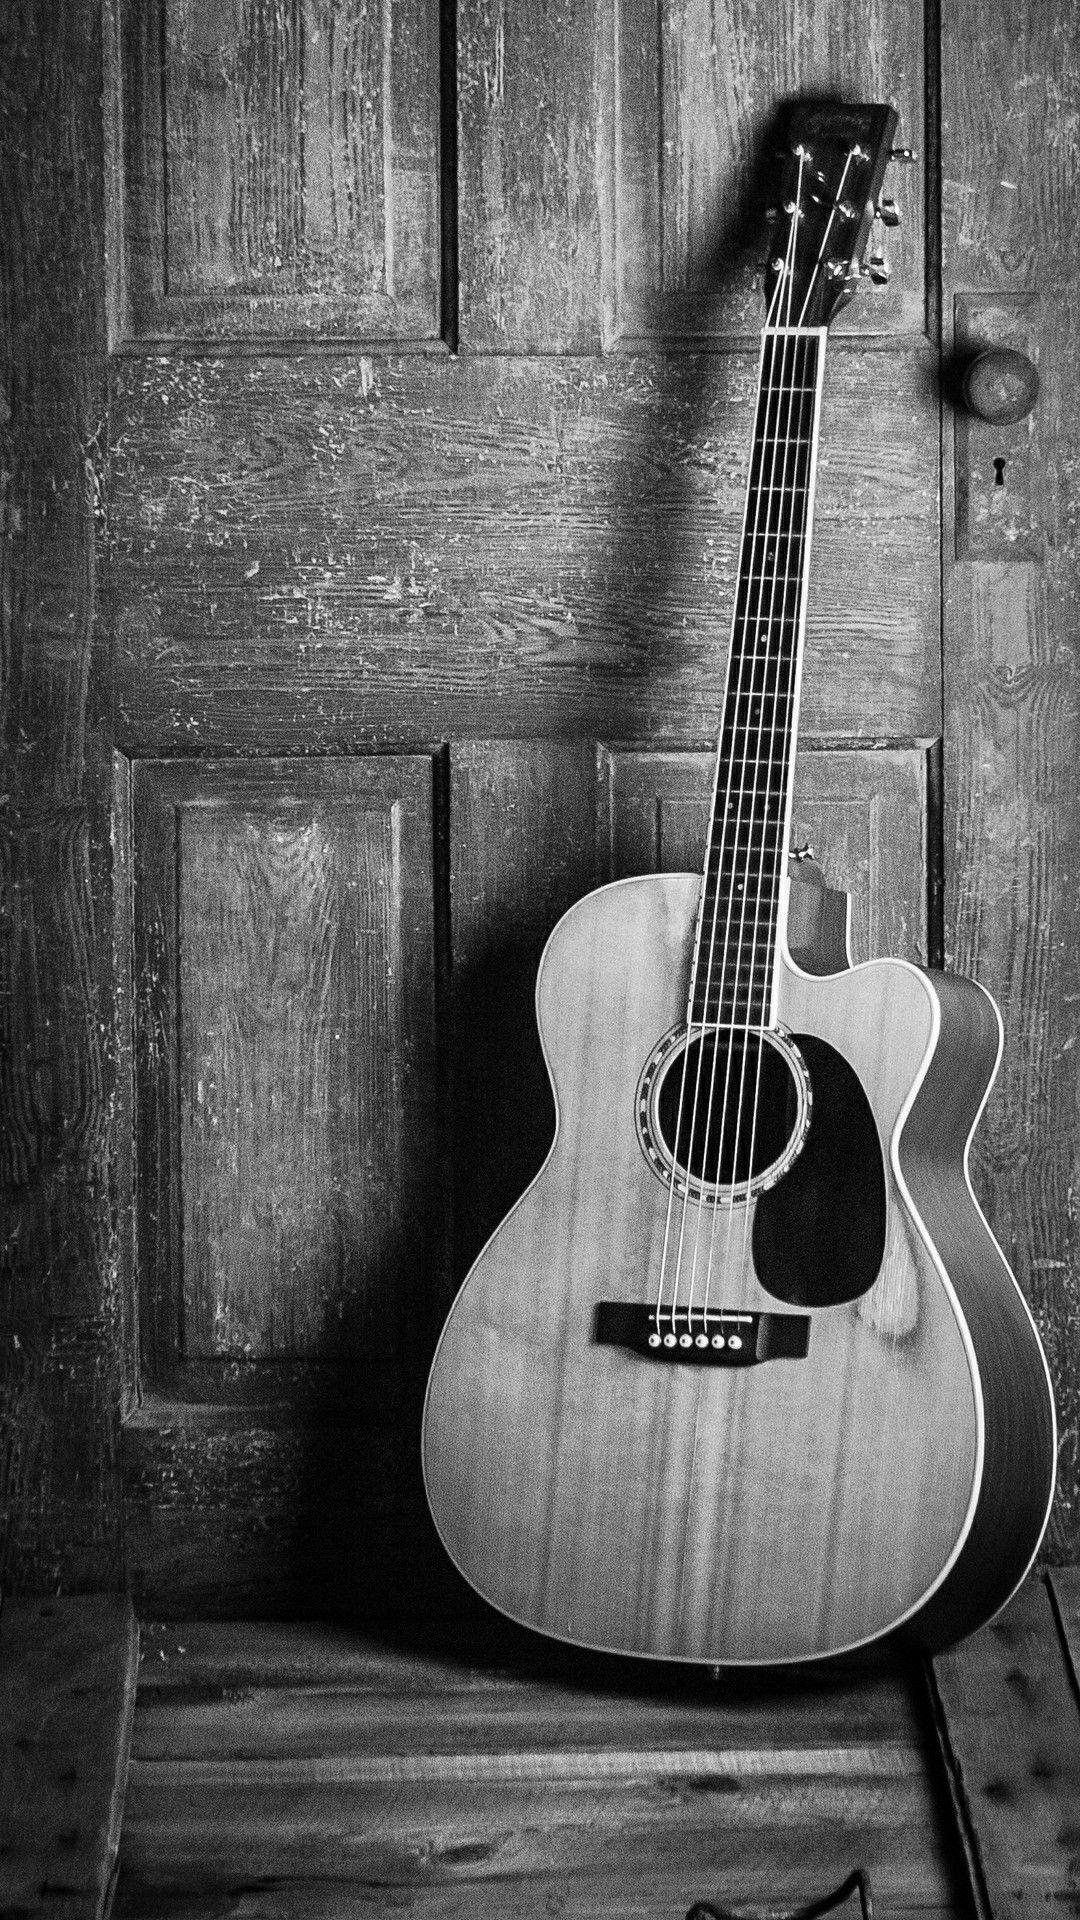 Black And White Wallpaper Of A Guitar Gitar Akustik Akustik Gambar